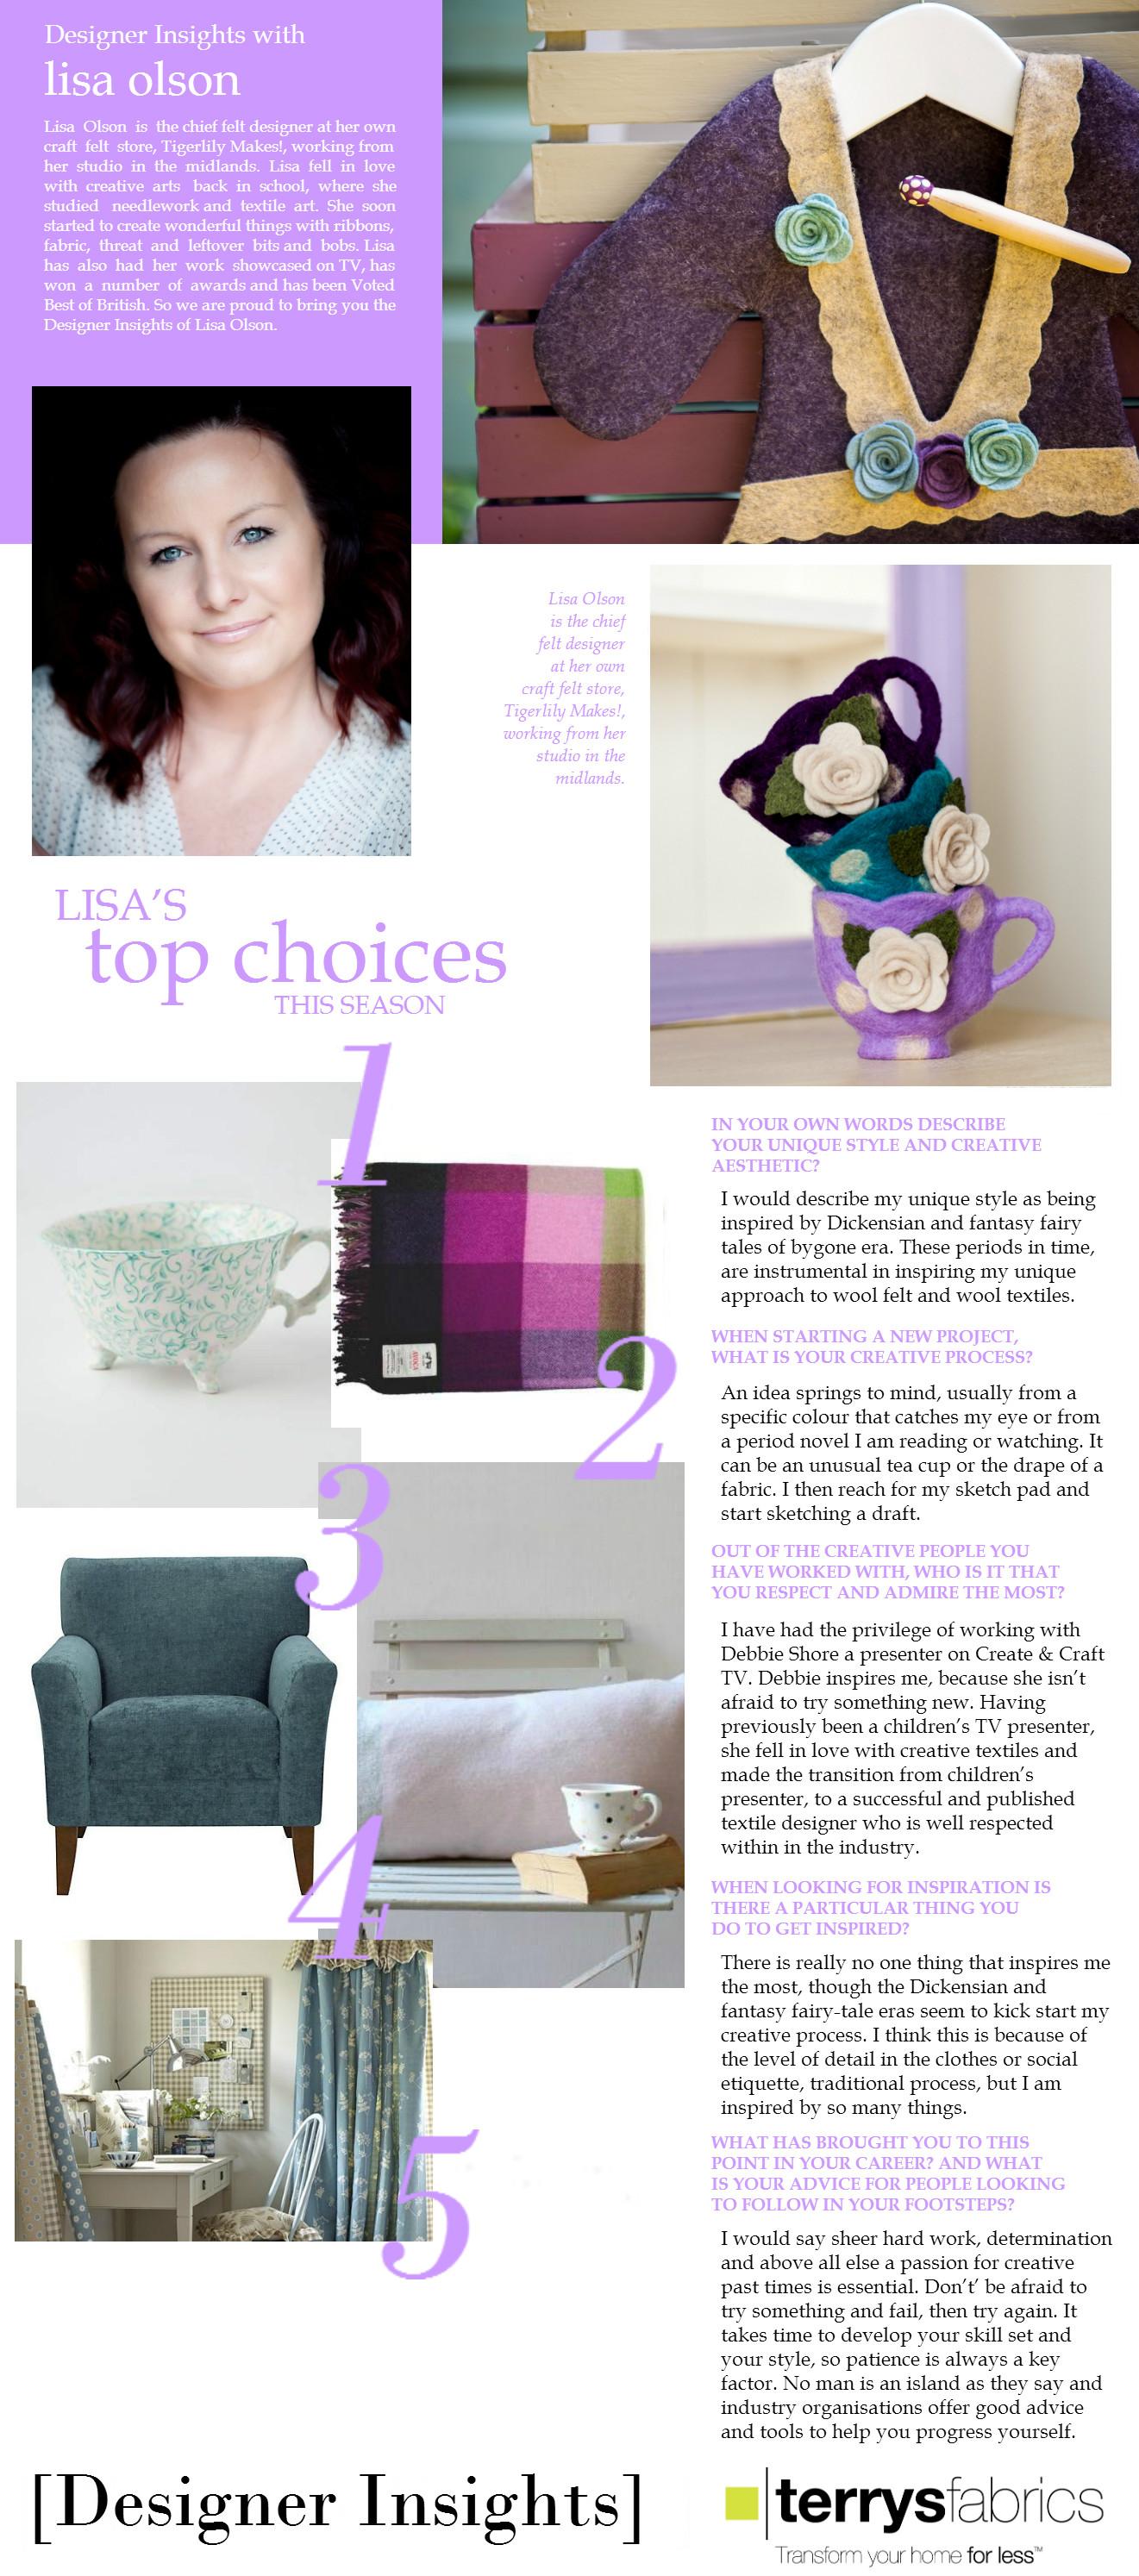 Designer-Insights-Lisa-Olson.jpg